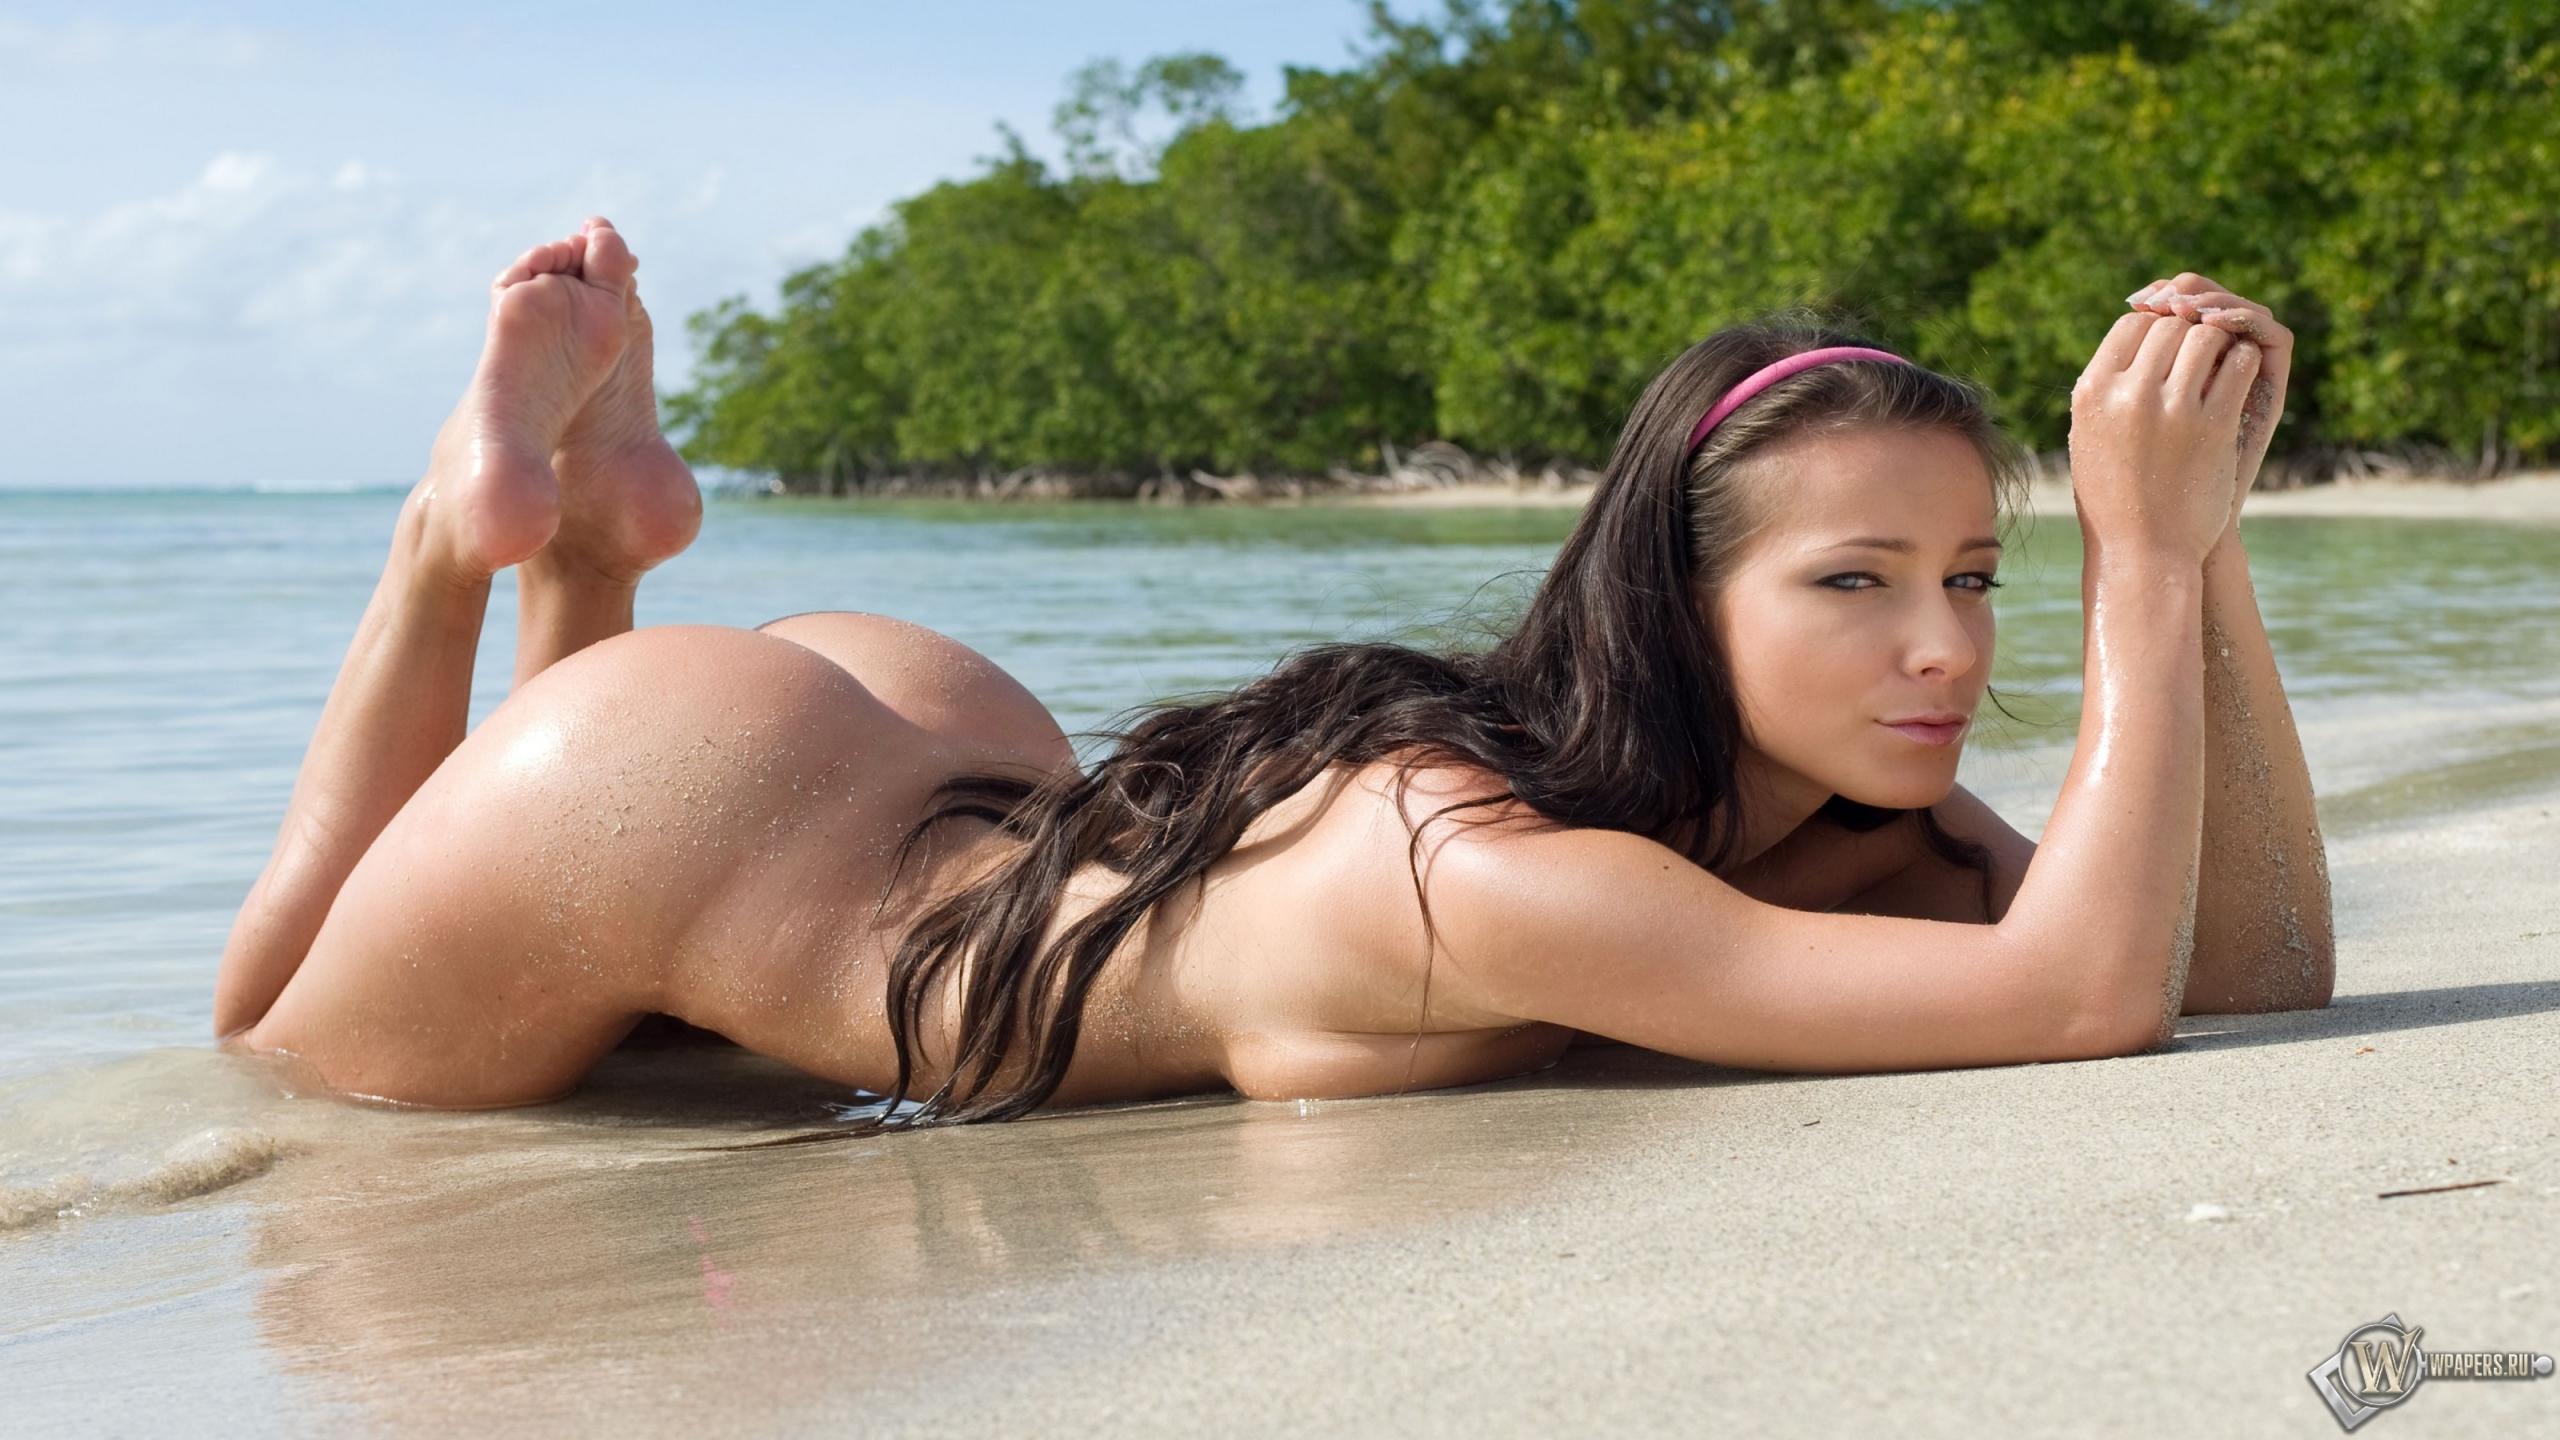 Эротические пляжные фото девушек 6 фотография